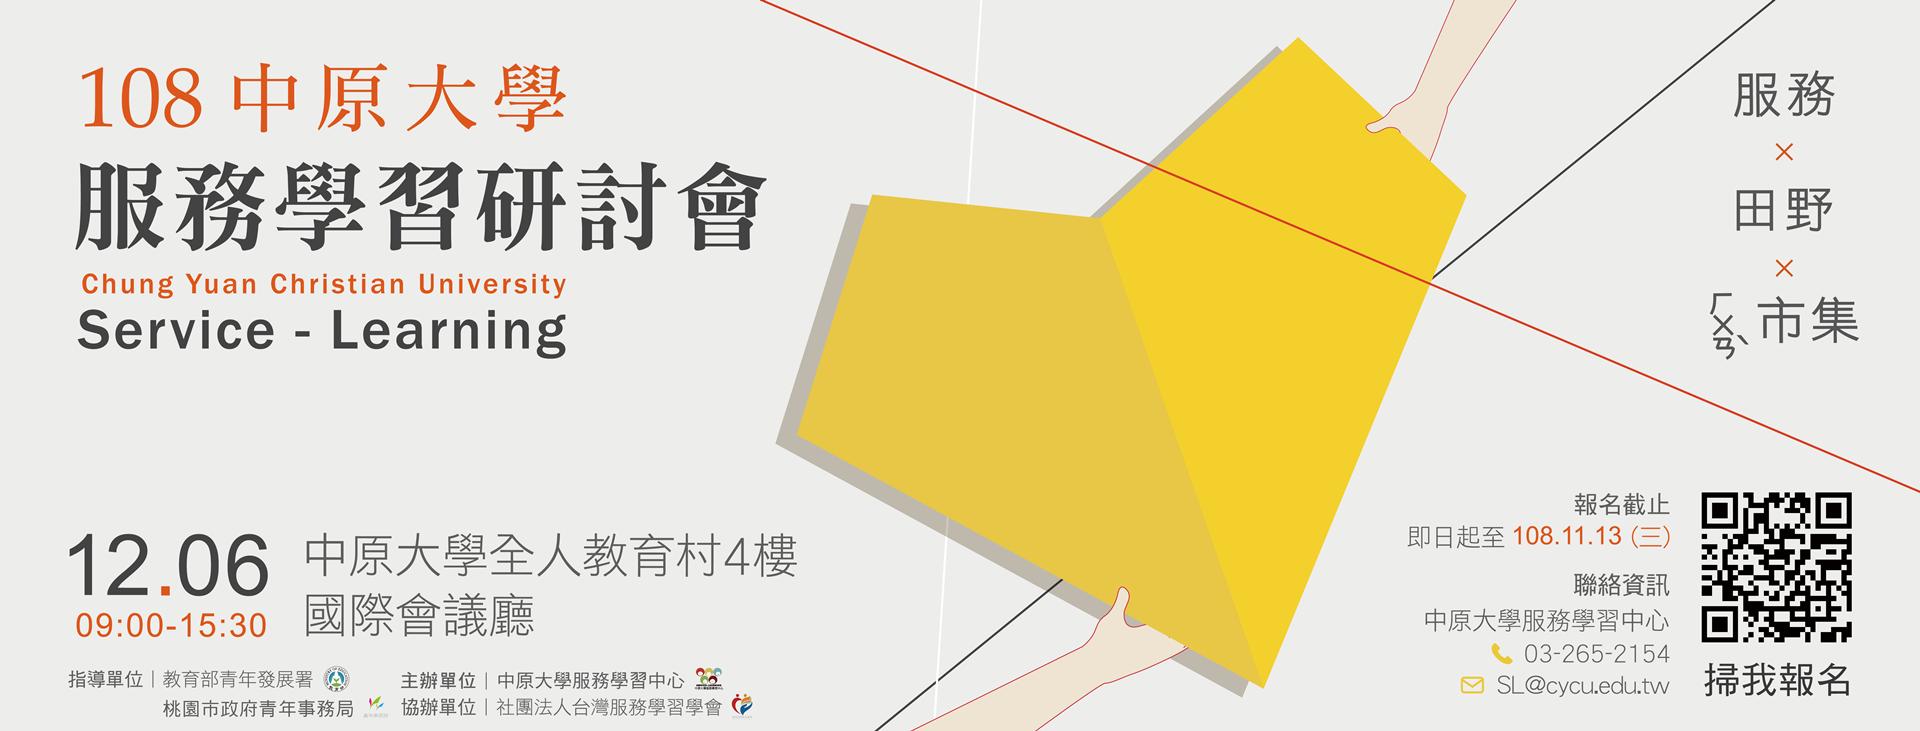 服務 x 田野 x『ㄏㄨㄢˋ』市集-108中原大學服務學習研討會